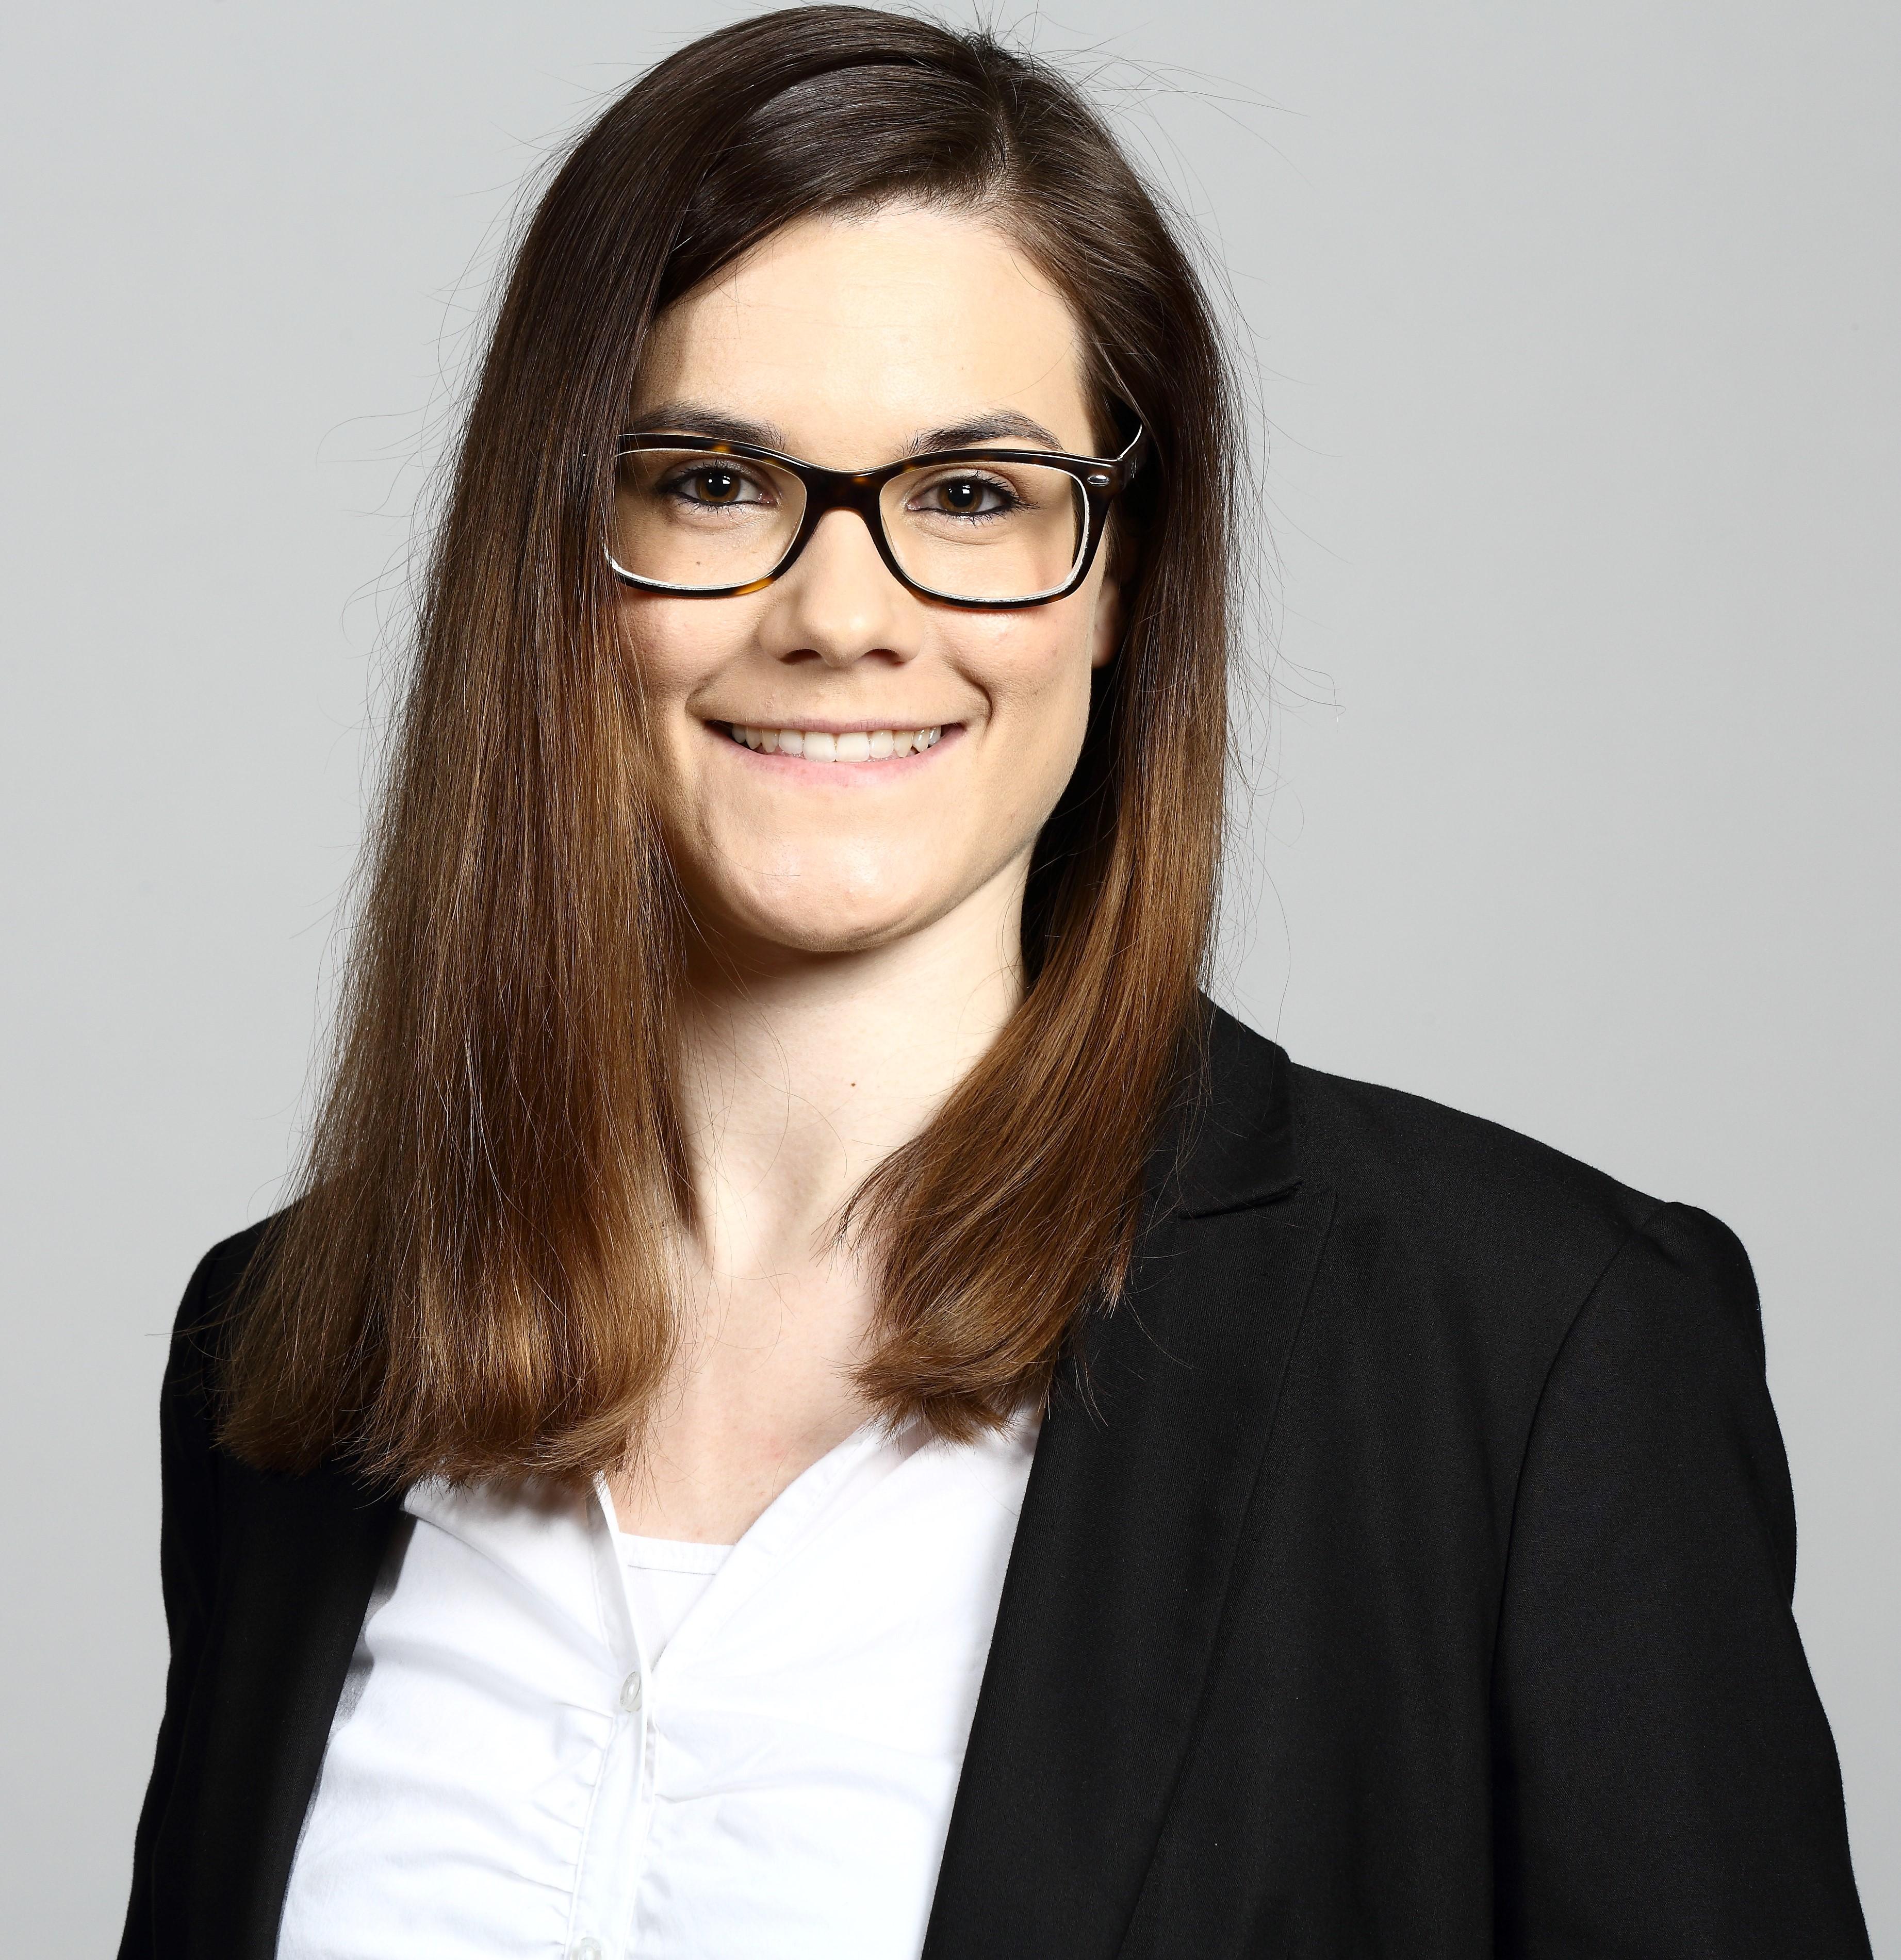 Melanie Antenen